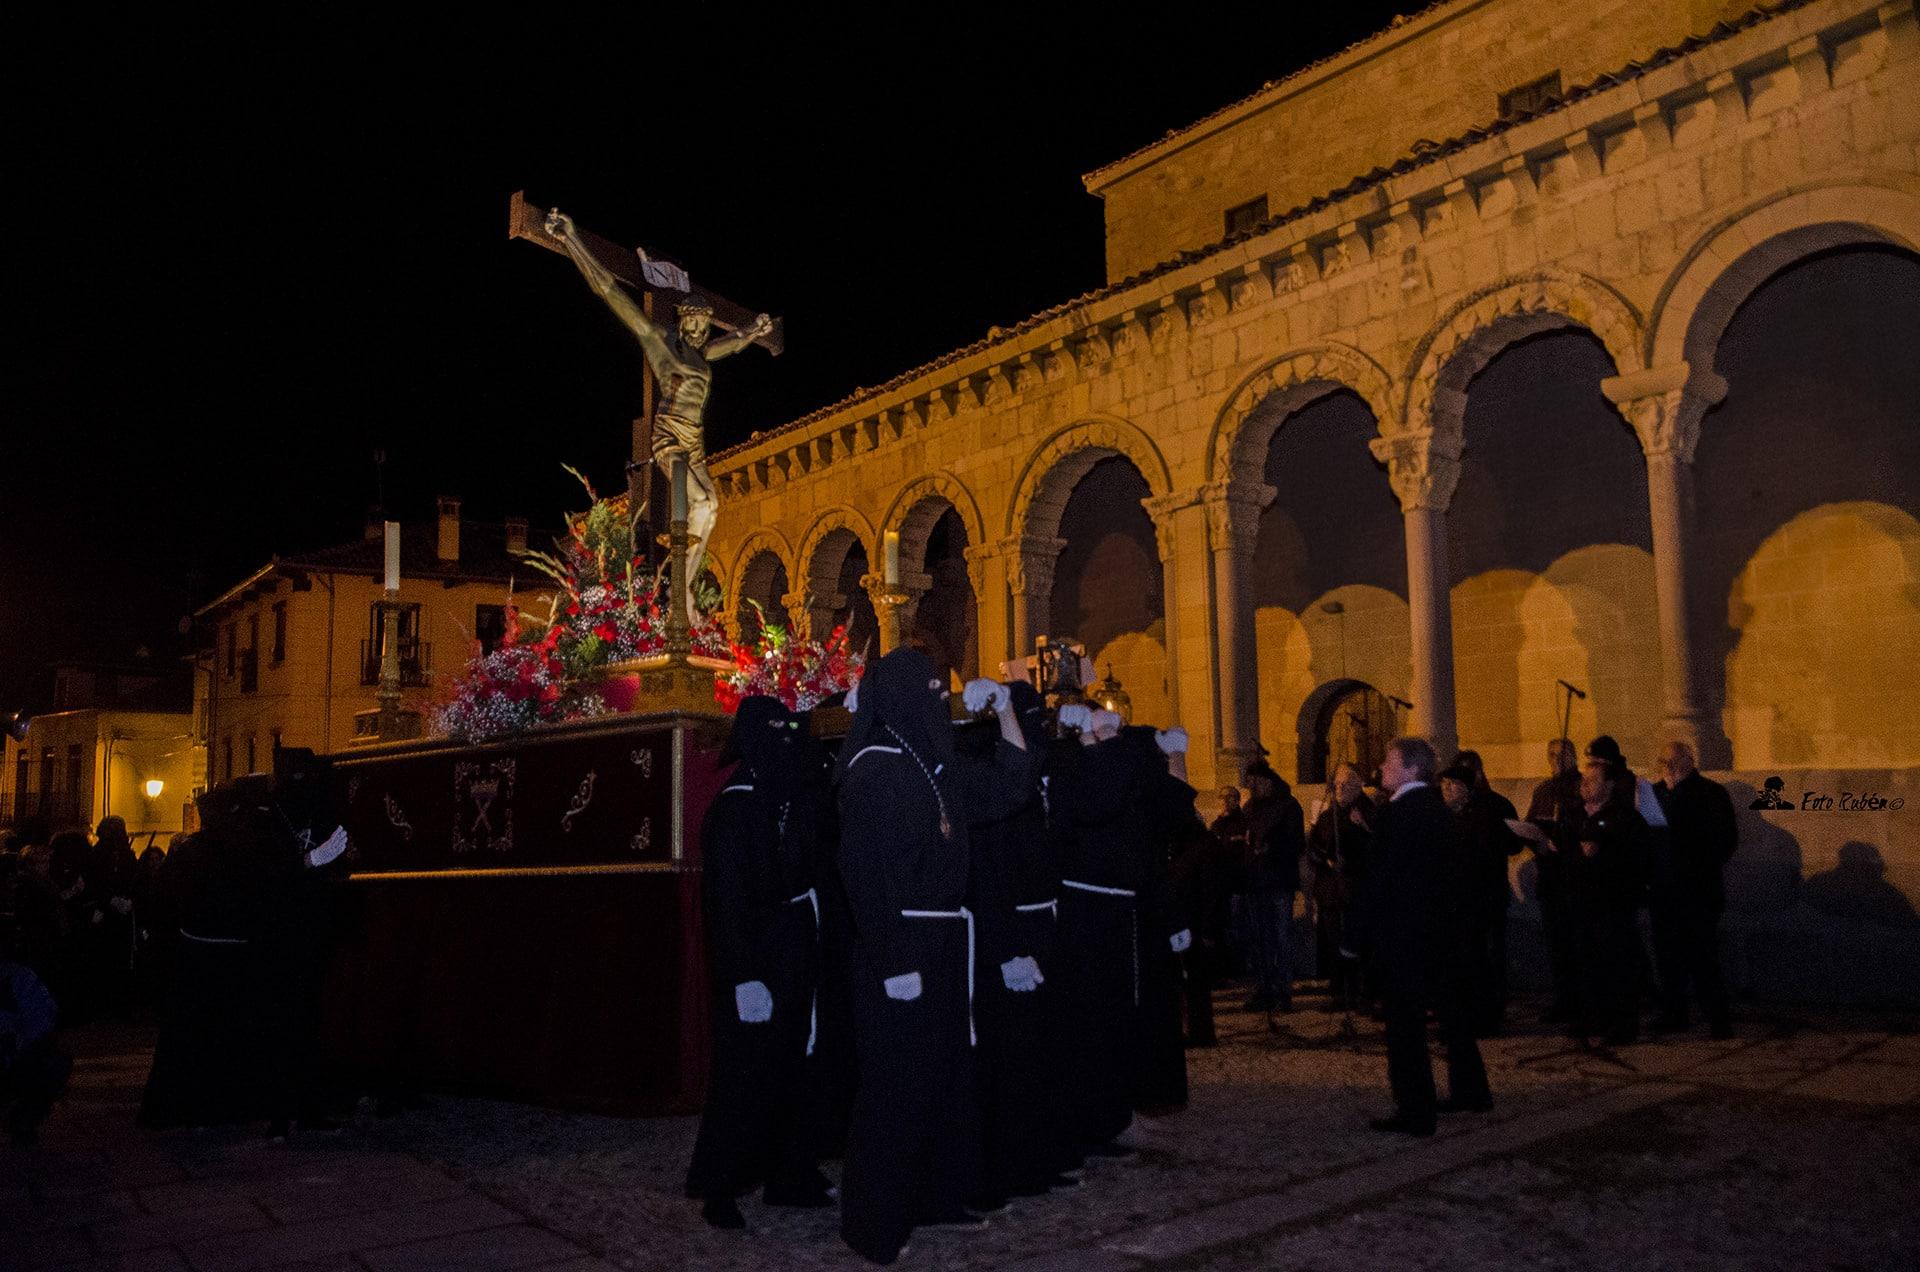 Santo Via Crucis y Procesión con la Imagen del Santo Cristo de la Paciencia, Segovia 3